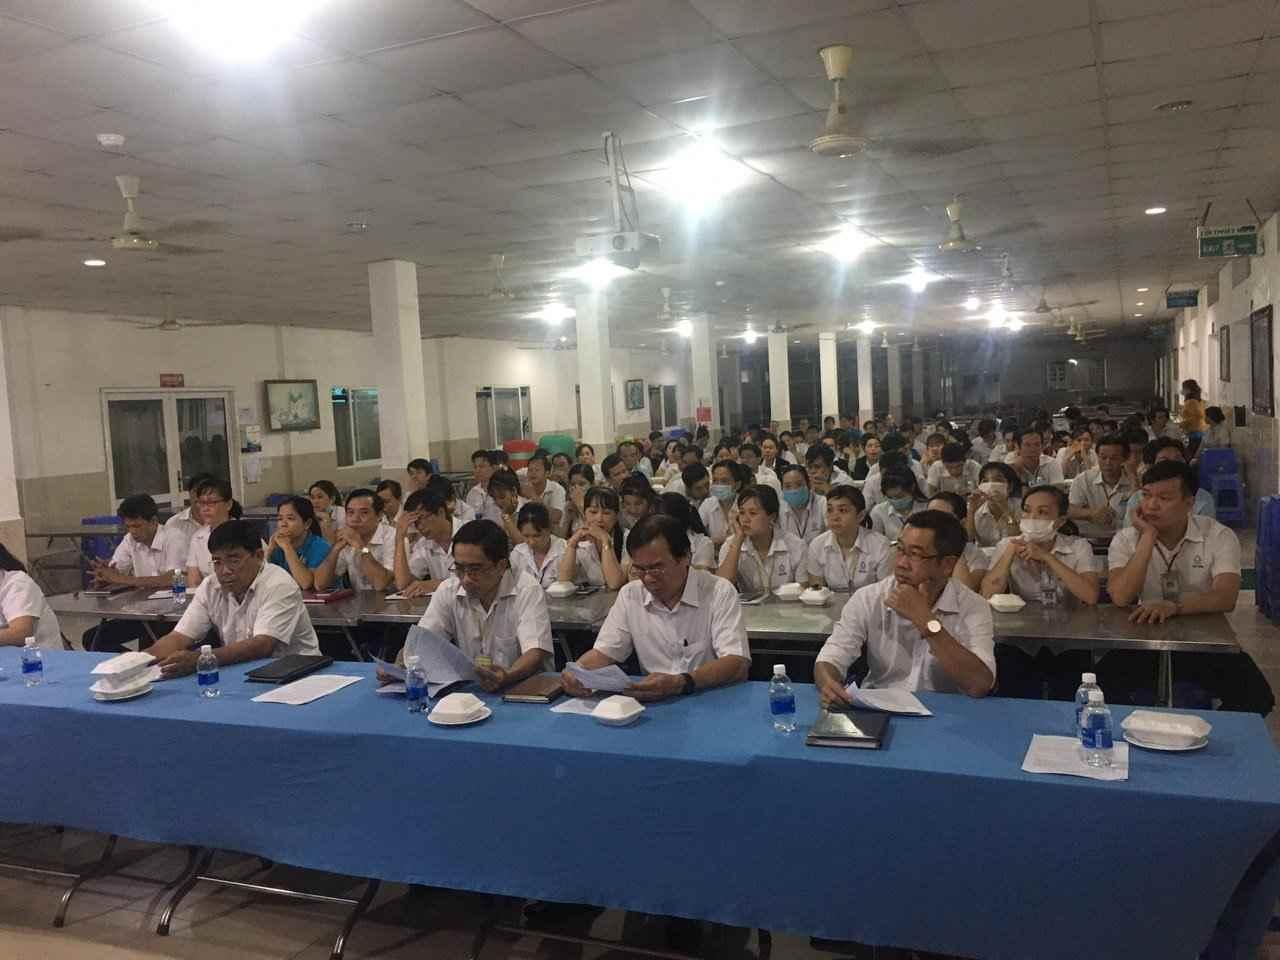 Đảng bộ công ty May Việt Hồng tổ chức Hội nghị học tập, quán triệt Nghị quyết Đại hội Đảng bộ Khối Cơ quan - Doanh Nghiệp tỉnh